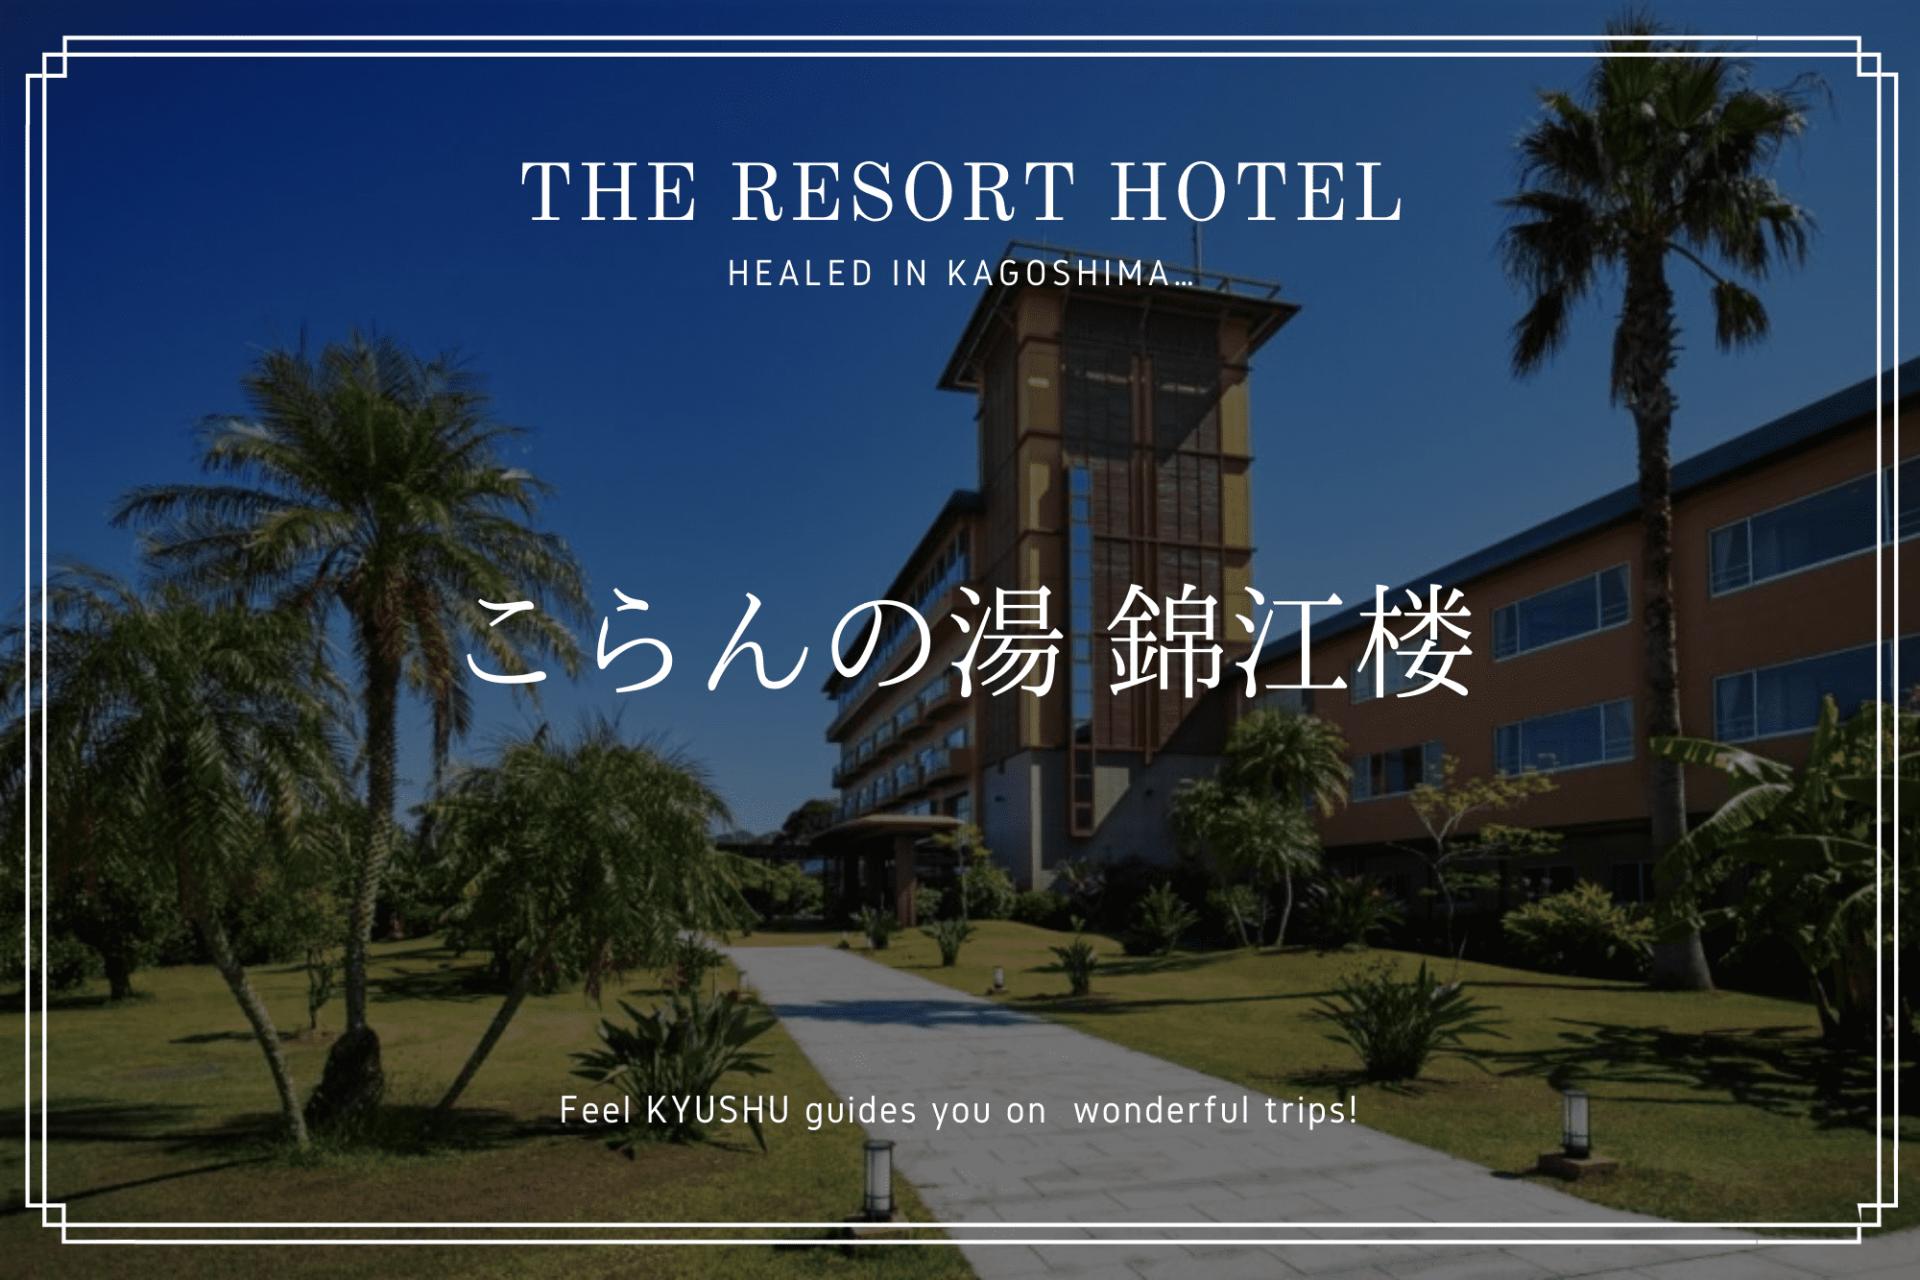 指宿 こら ん の 湯 錦江楼 鹿児島 旅行 観光 旅館 宿 おすすめ